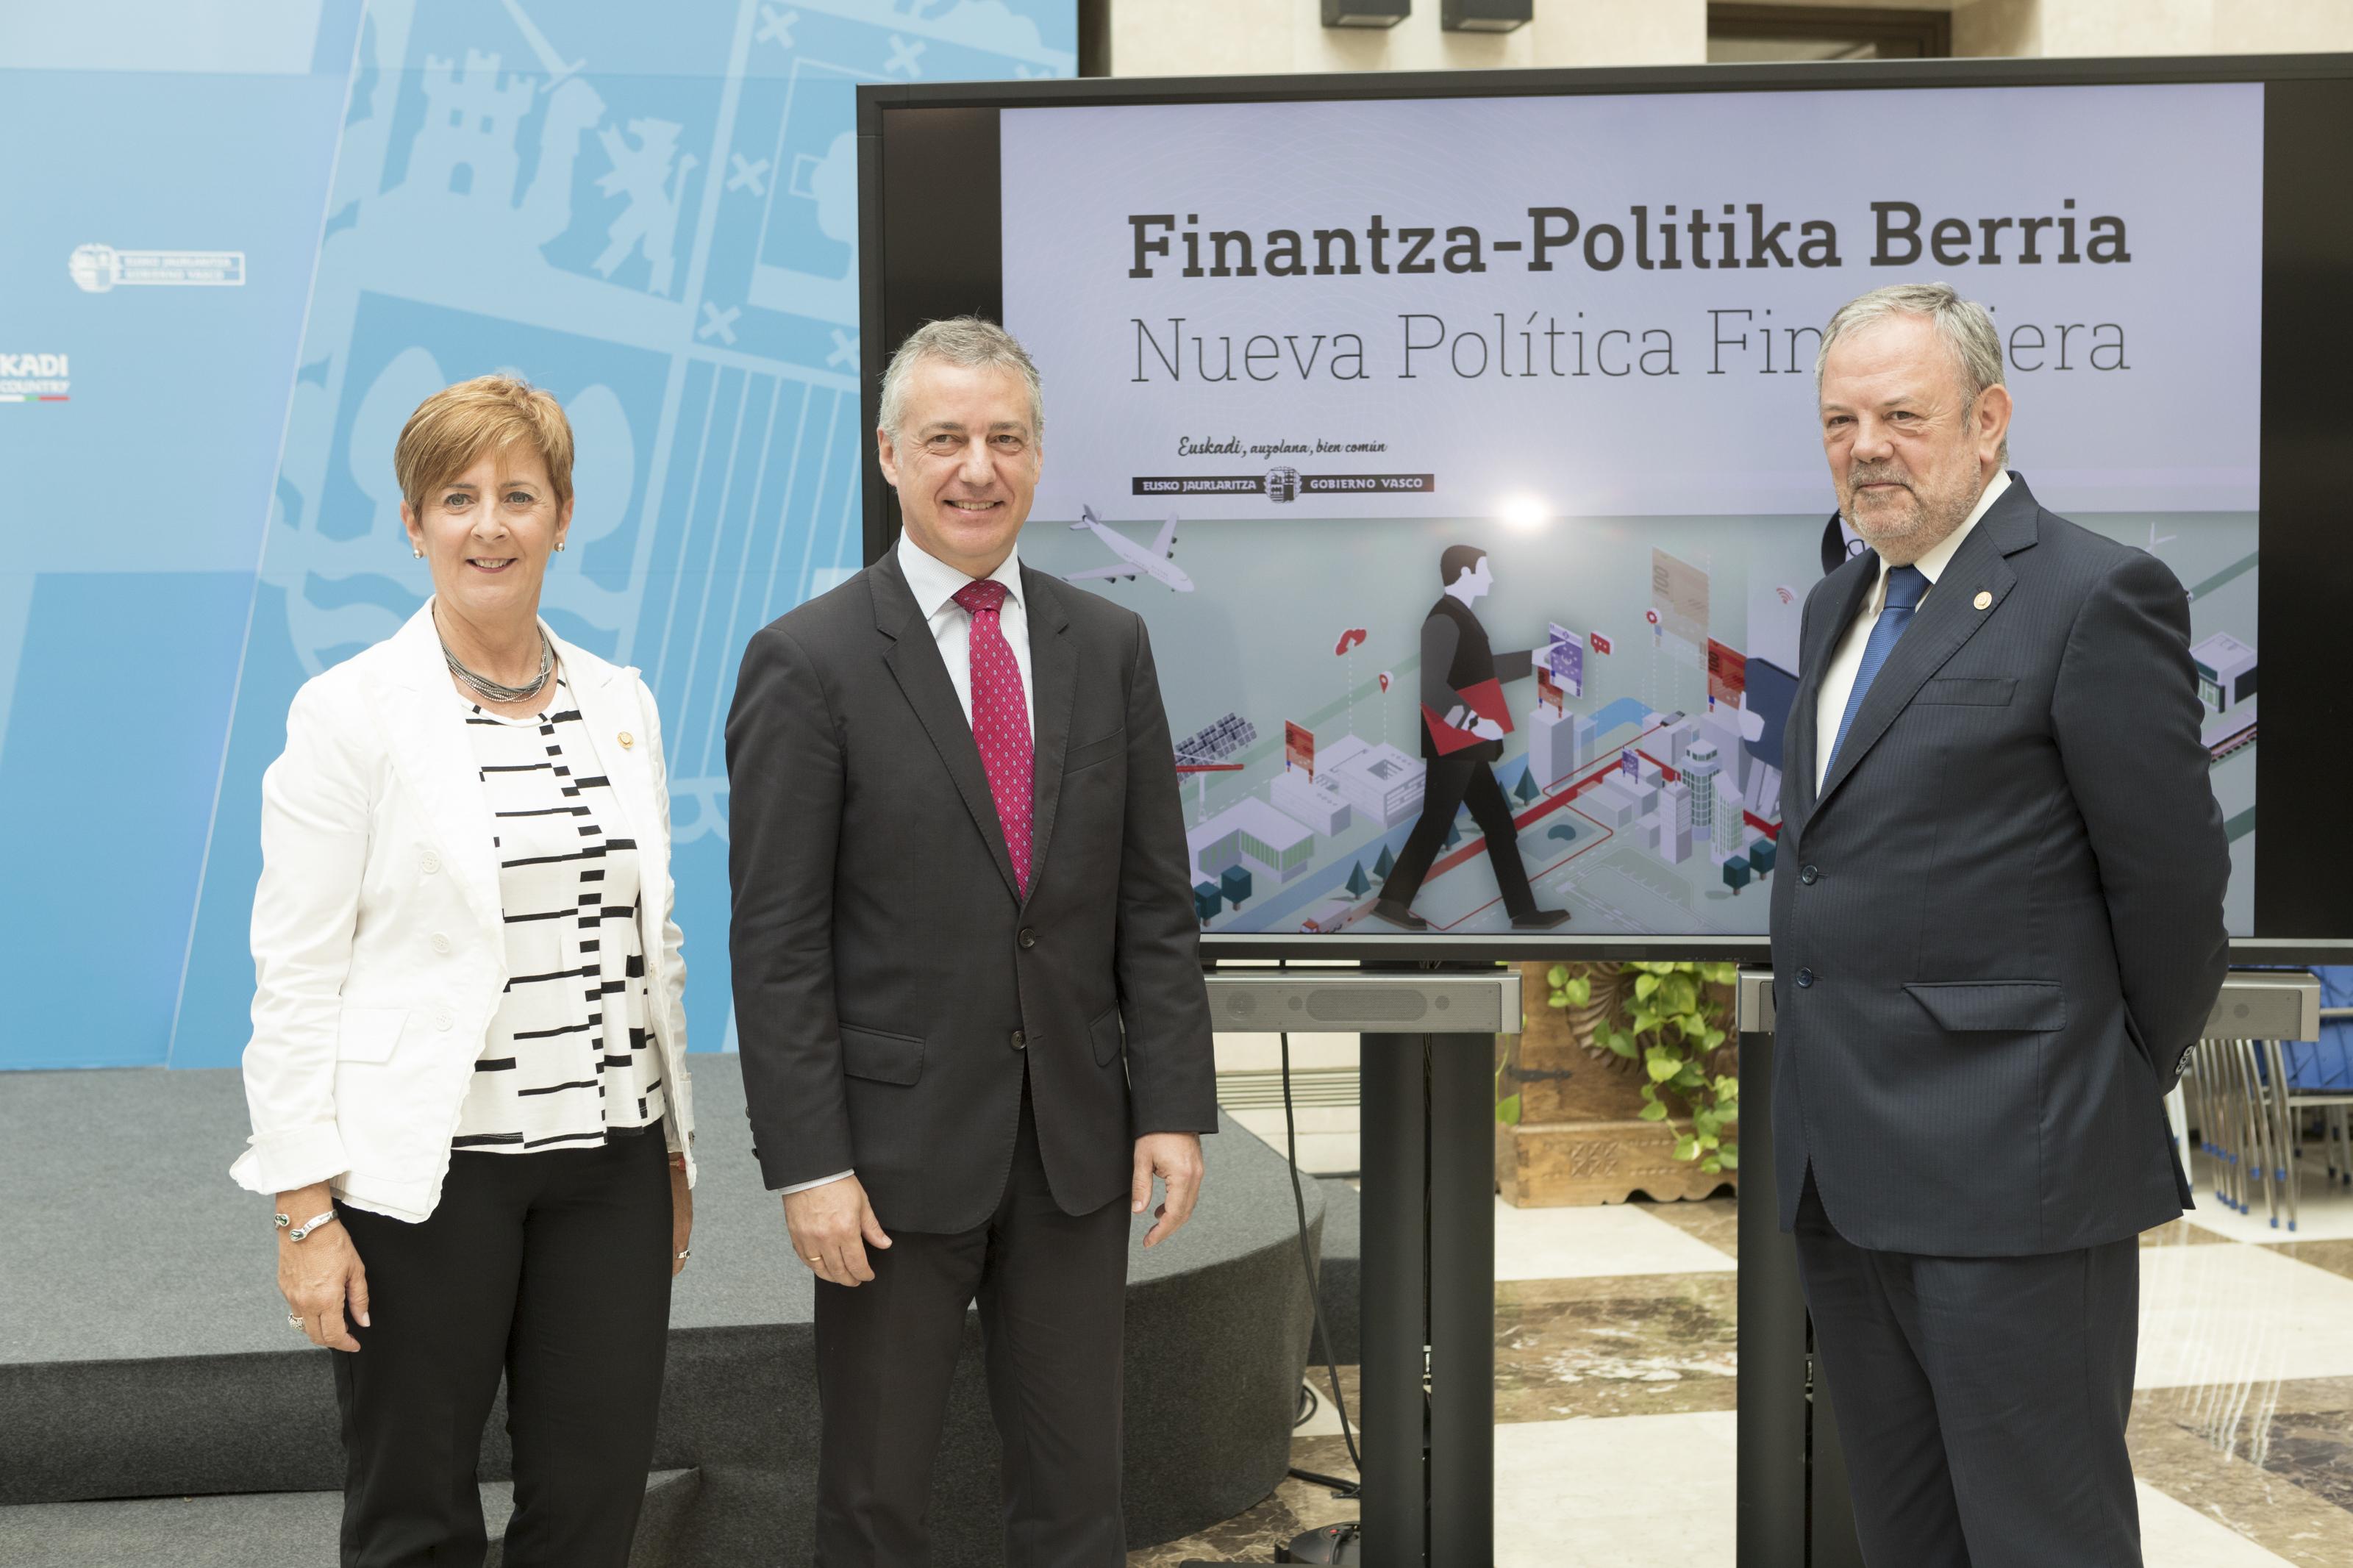 El Lehendakari, la Consejera Arantxa Tapia y el Consejero Pedro Azpiazu presentan la nueva política financiera del Gobierno Vasco